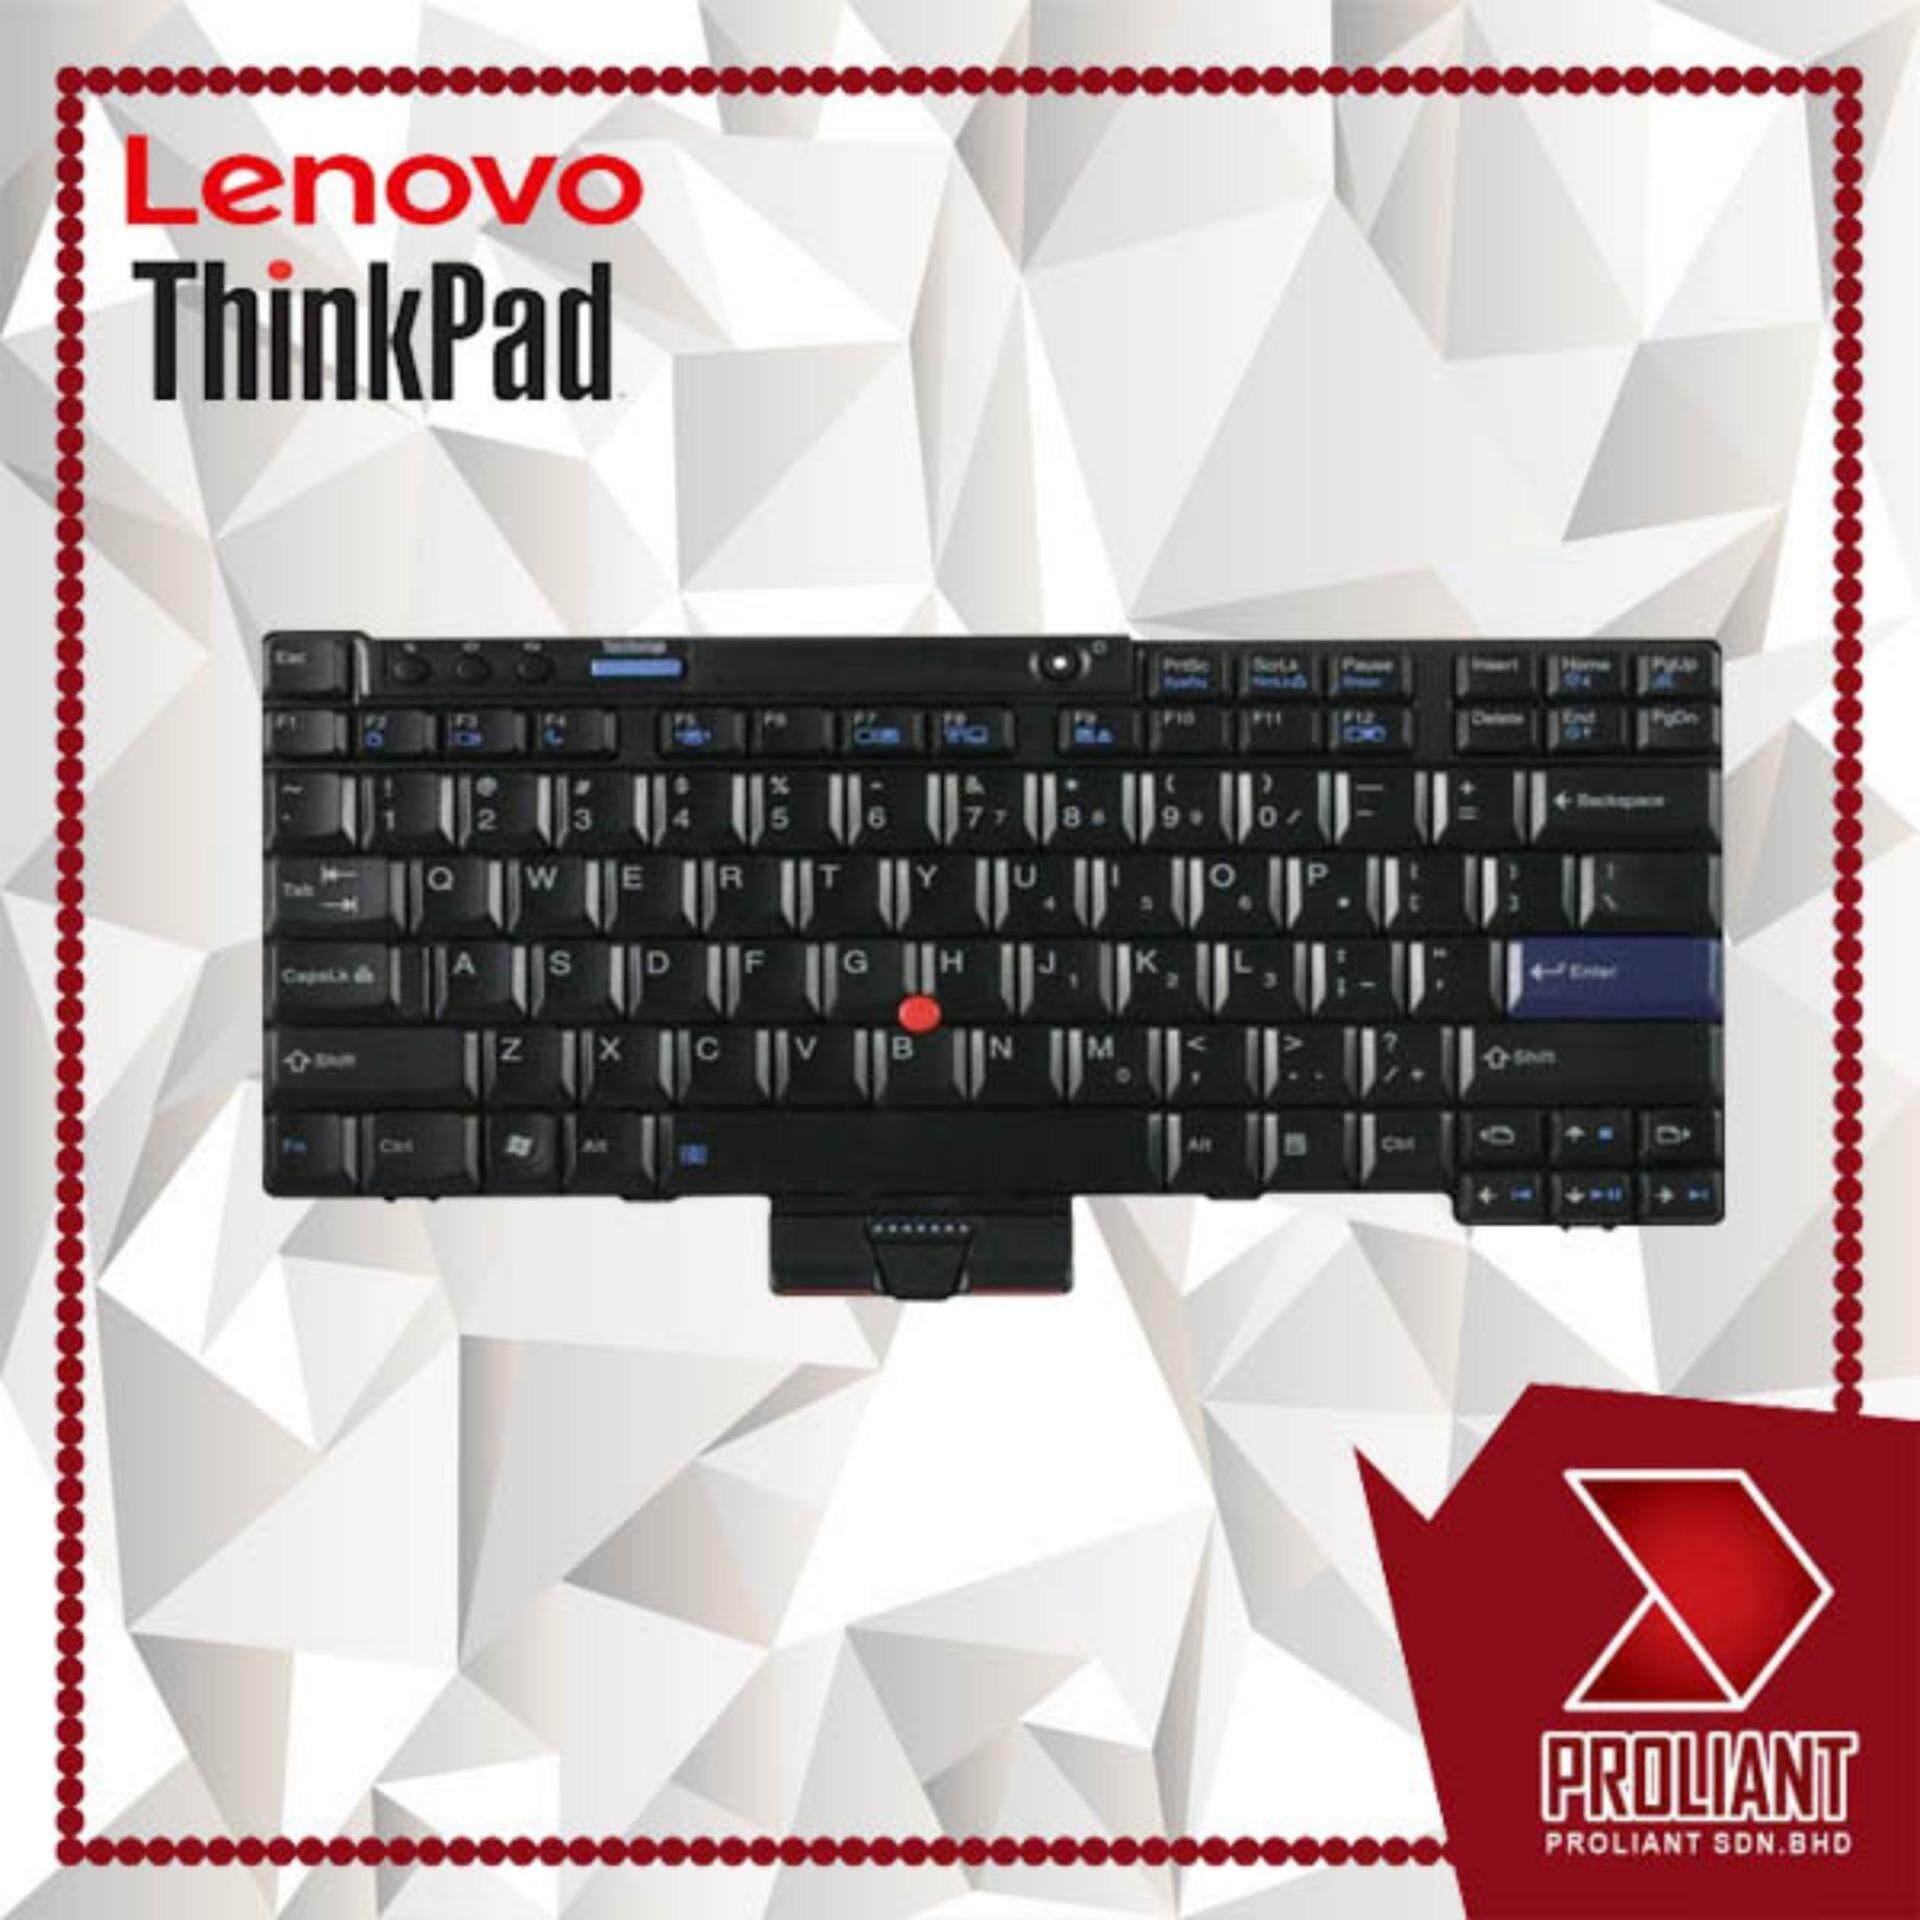 Lenovo ThinkPad - Buy Lenovo ThinkPad at Best Price in Malaysia